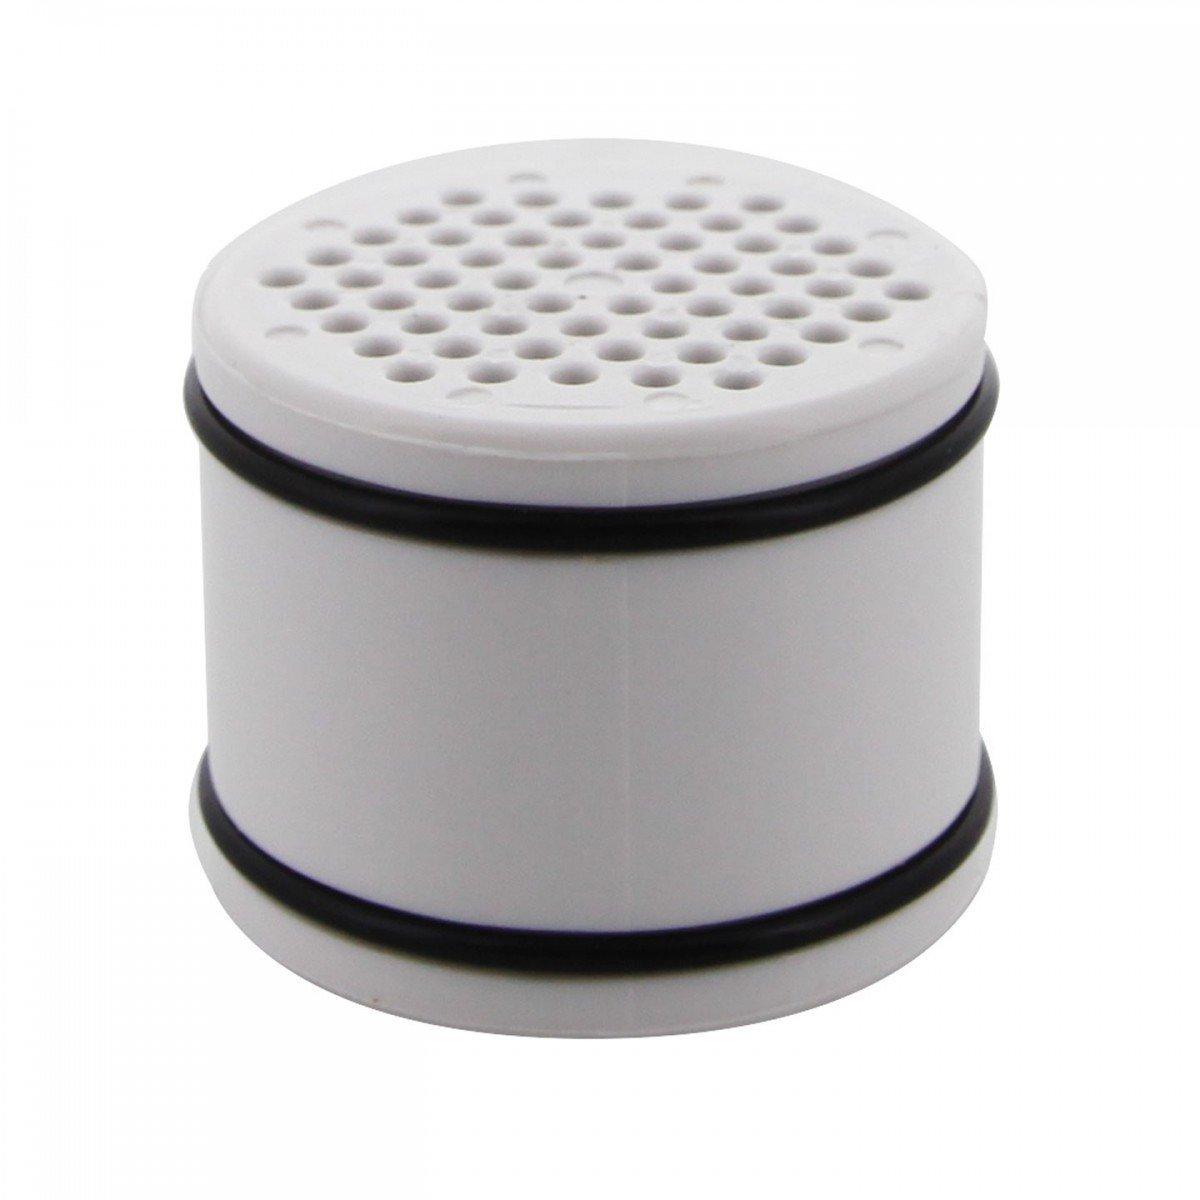 2-pack - Culligan whr-140 Compatible cartucho de filtro de ducha. Fits WSH-C125, hsh-c135, ISH-100, rdsh-c115 ducha unidades: Amazon.es: Bricolaje y ...